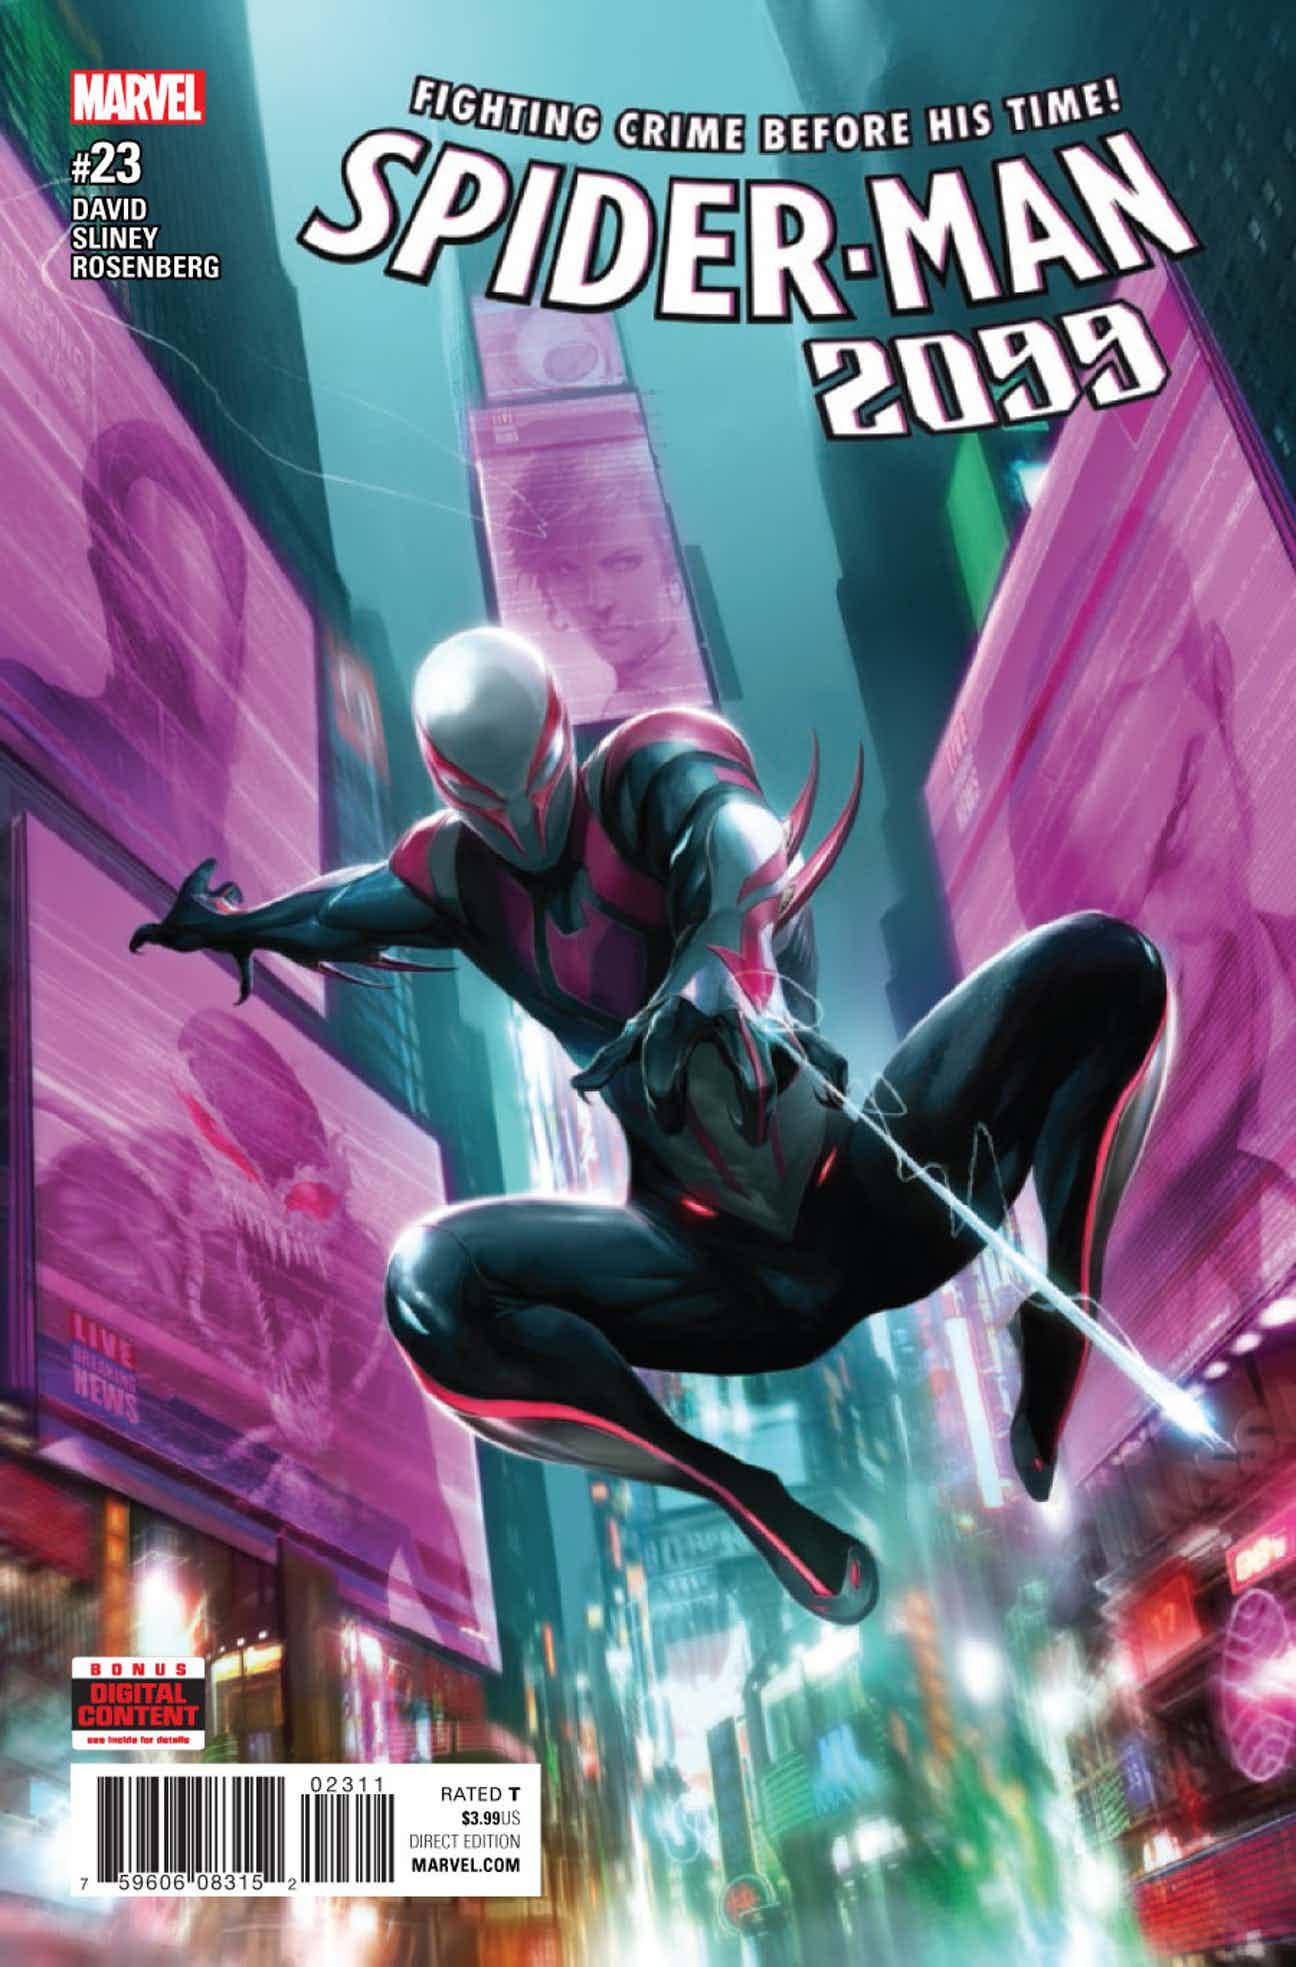 Spider-Man 2099 Vol 3 23